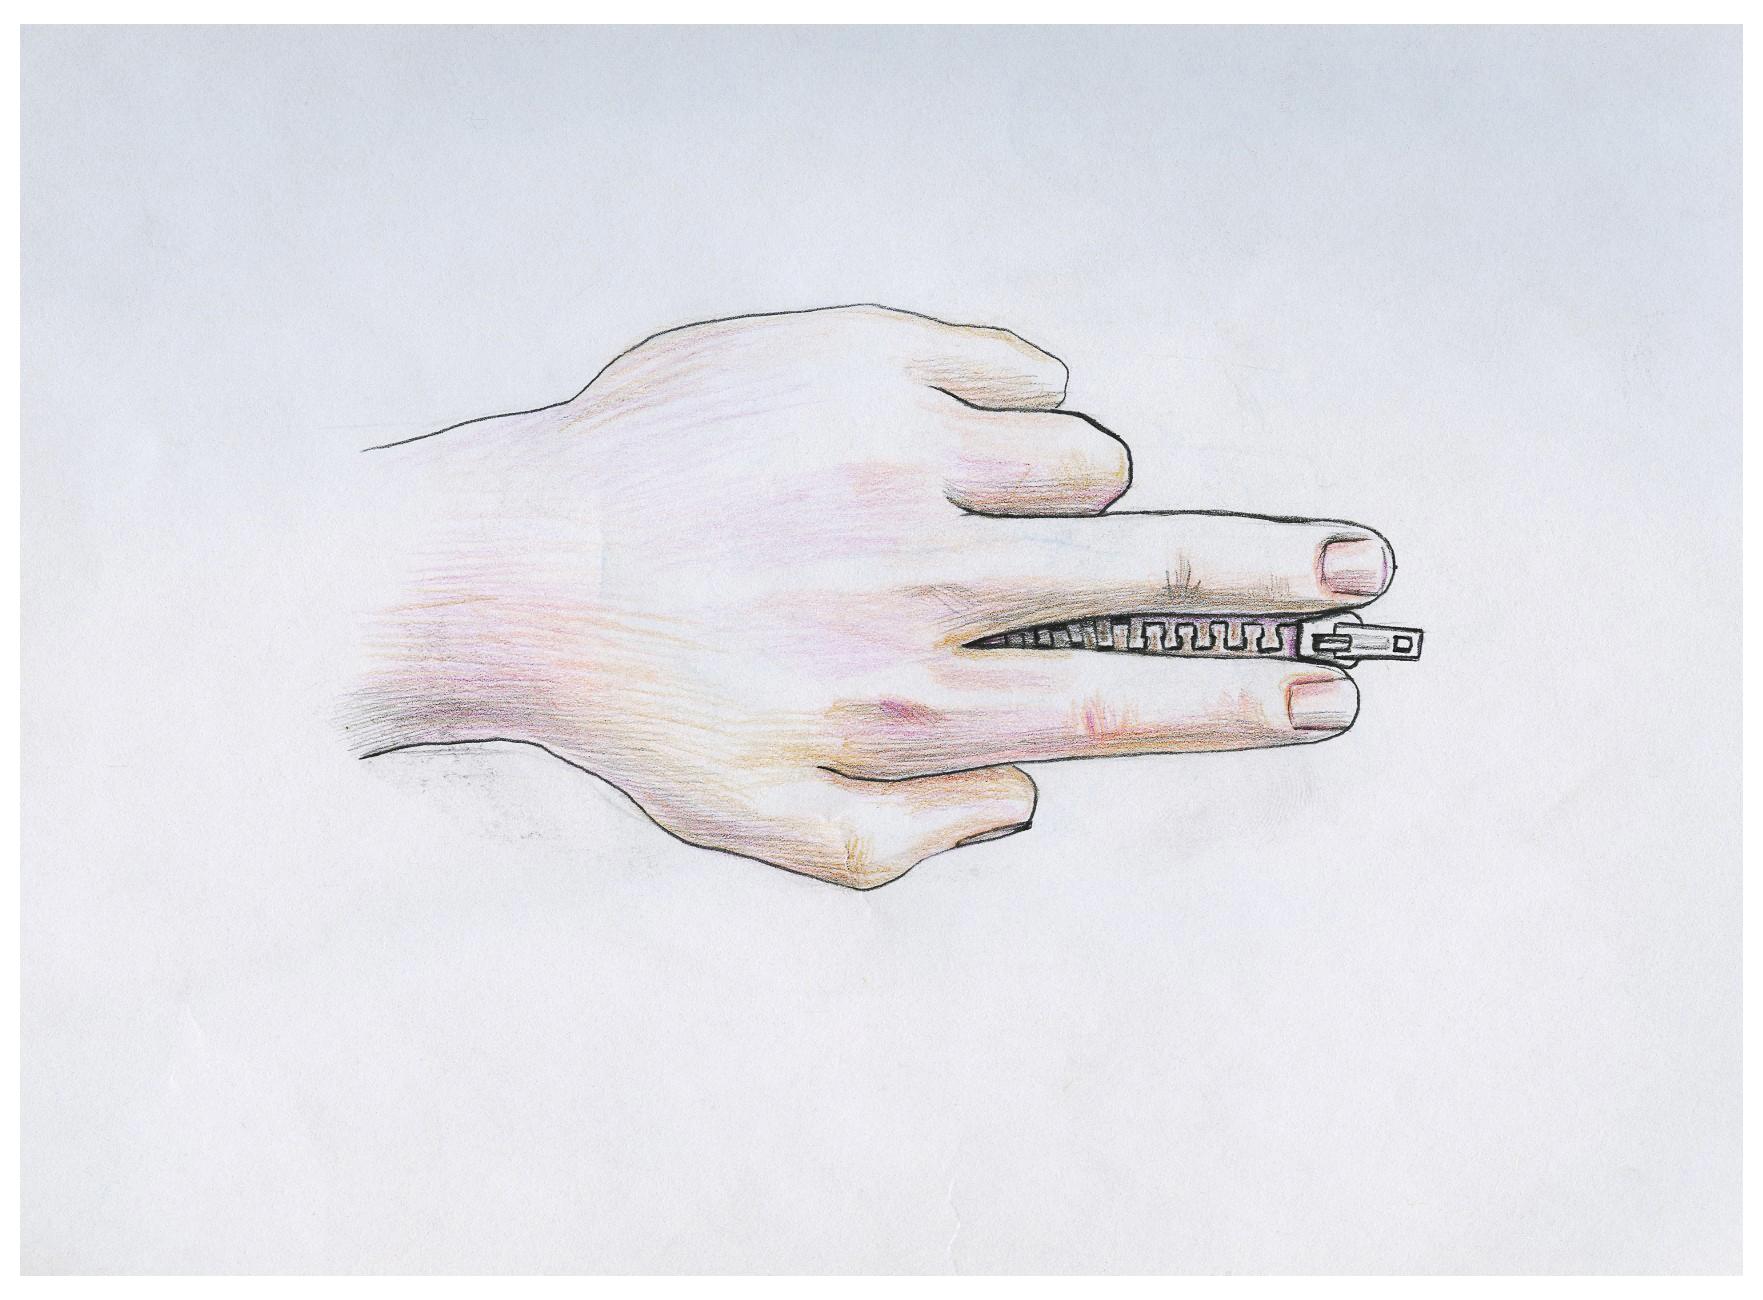 创意联想之《手的异形》图片